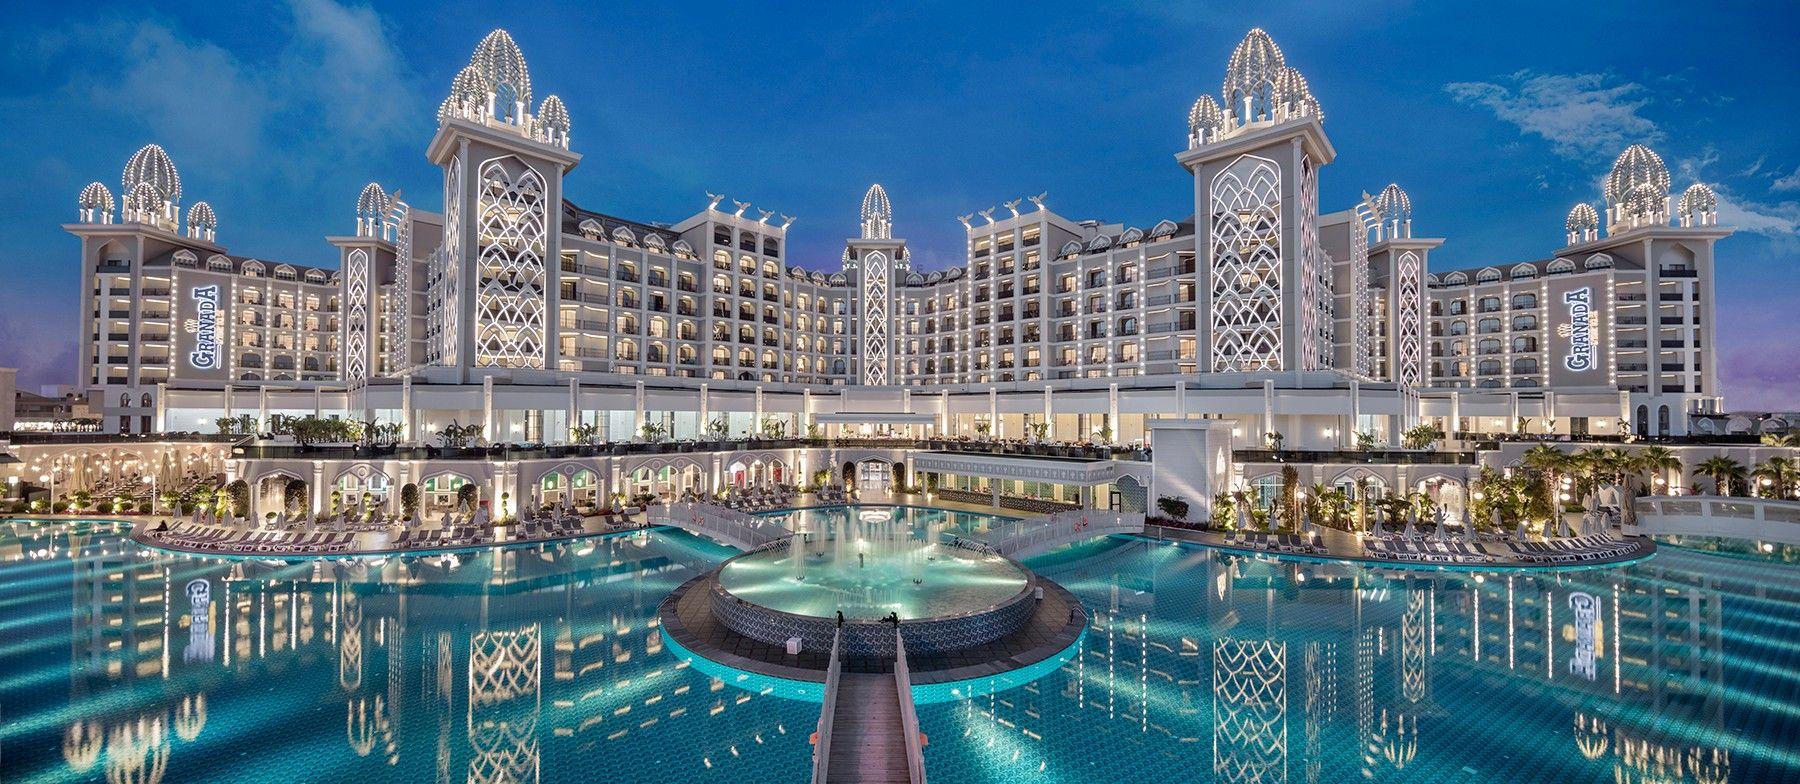 Wedding Hotel In Antalya Turkey Hotels Antalya Hotel Wedding